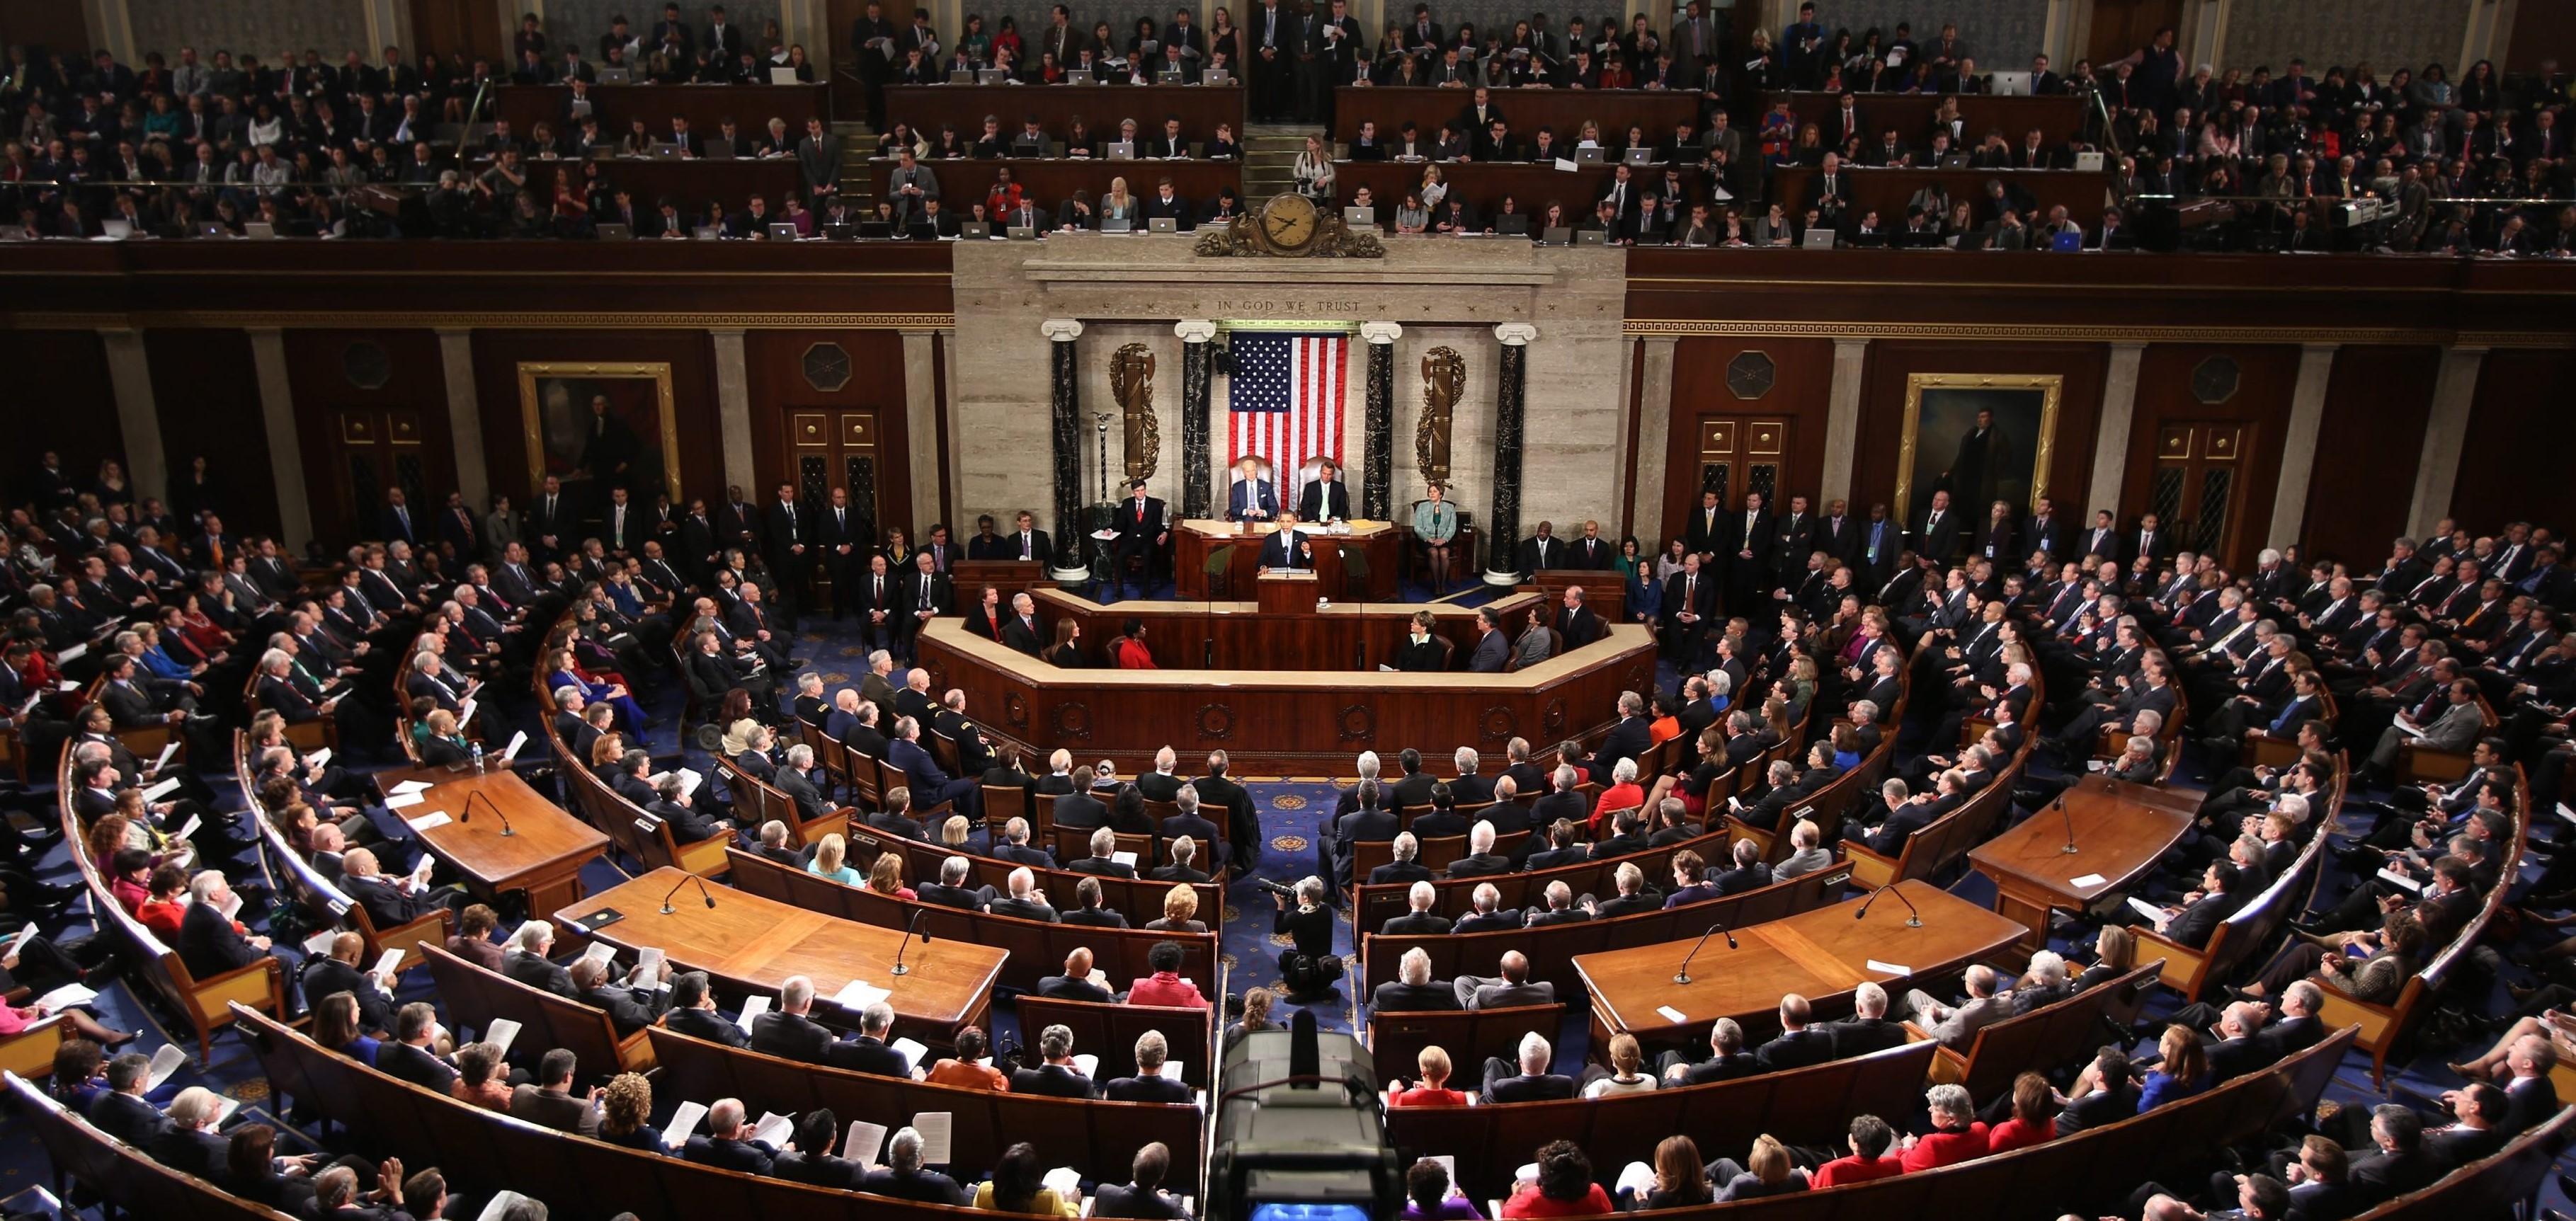 House Democrats to subpoena Rudy Giuliani in impeachment inquiry